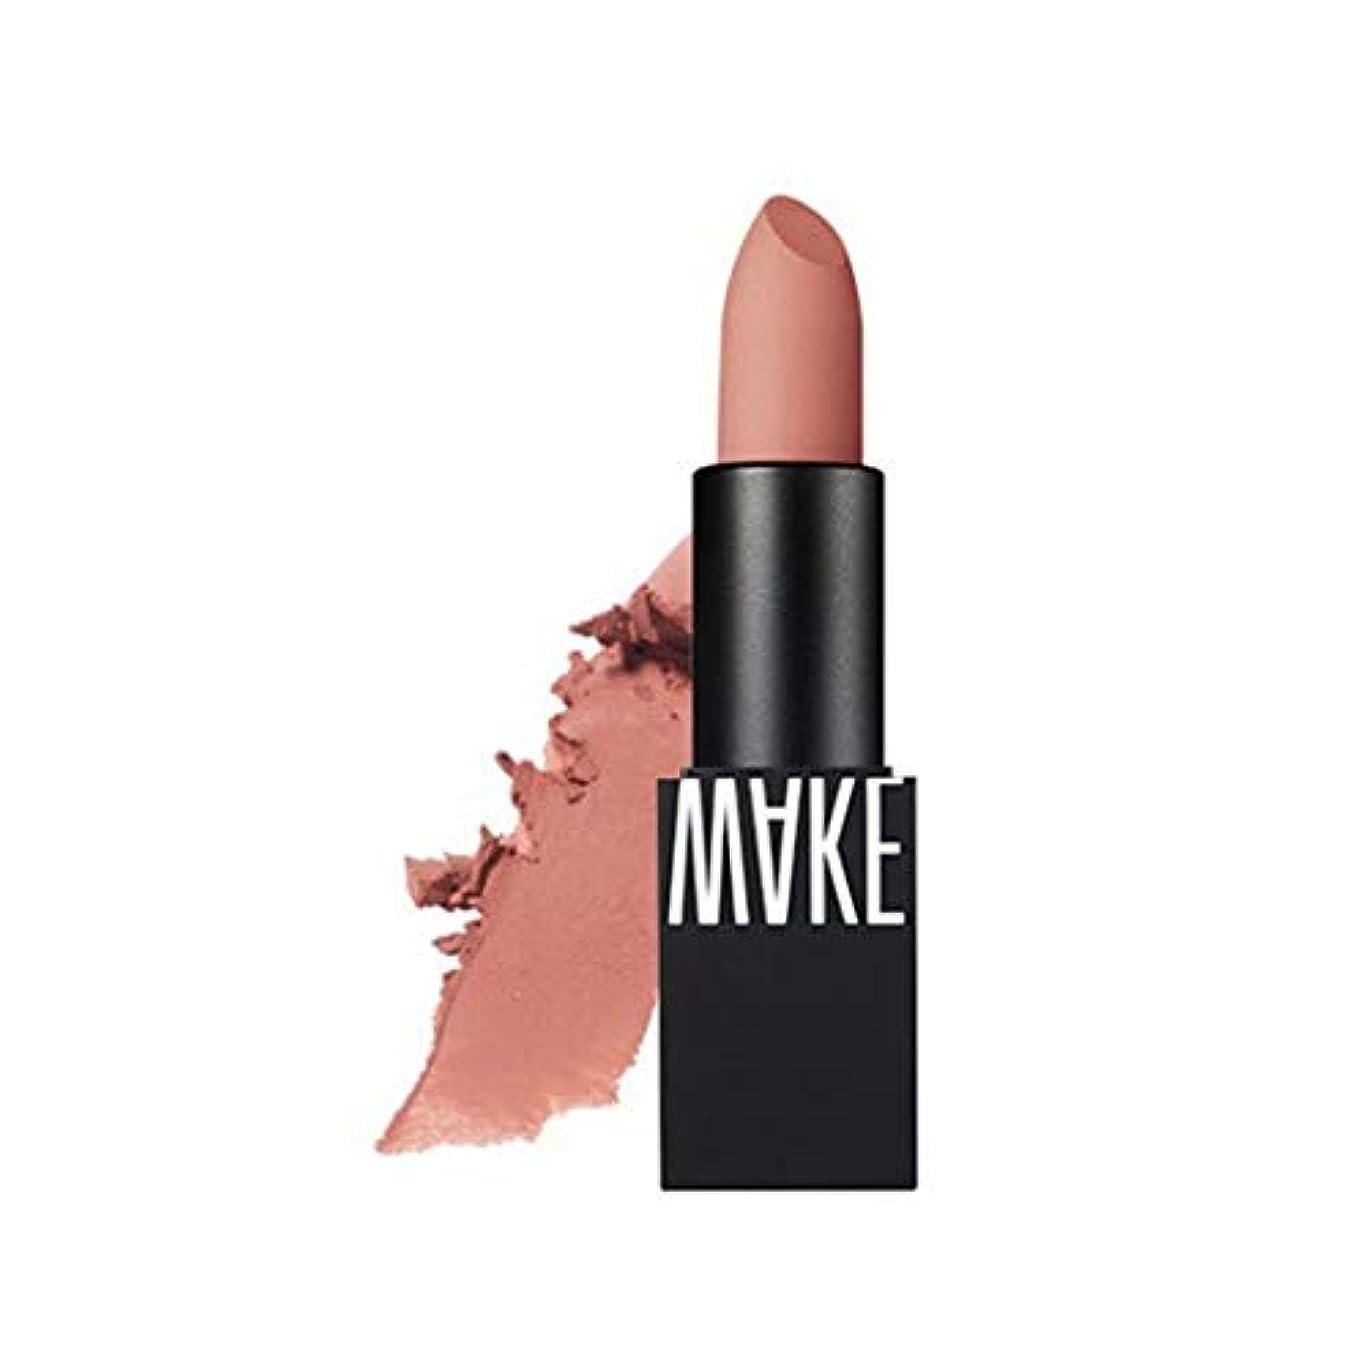 過ち落とし穴合金ウェイクメイクルージュゴンゼロリップスティック3.4g、Wakemake Rouge Gun Zero Lipstick 3.4g [並行輸入品] (Beige Freeze)